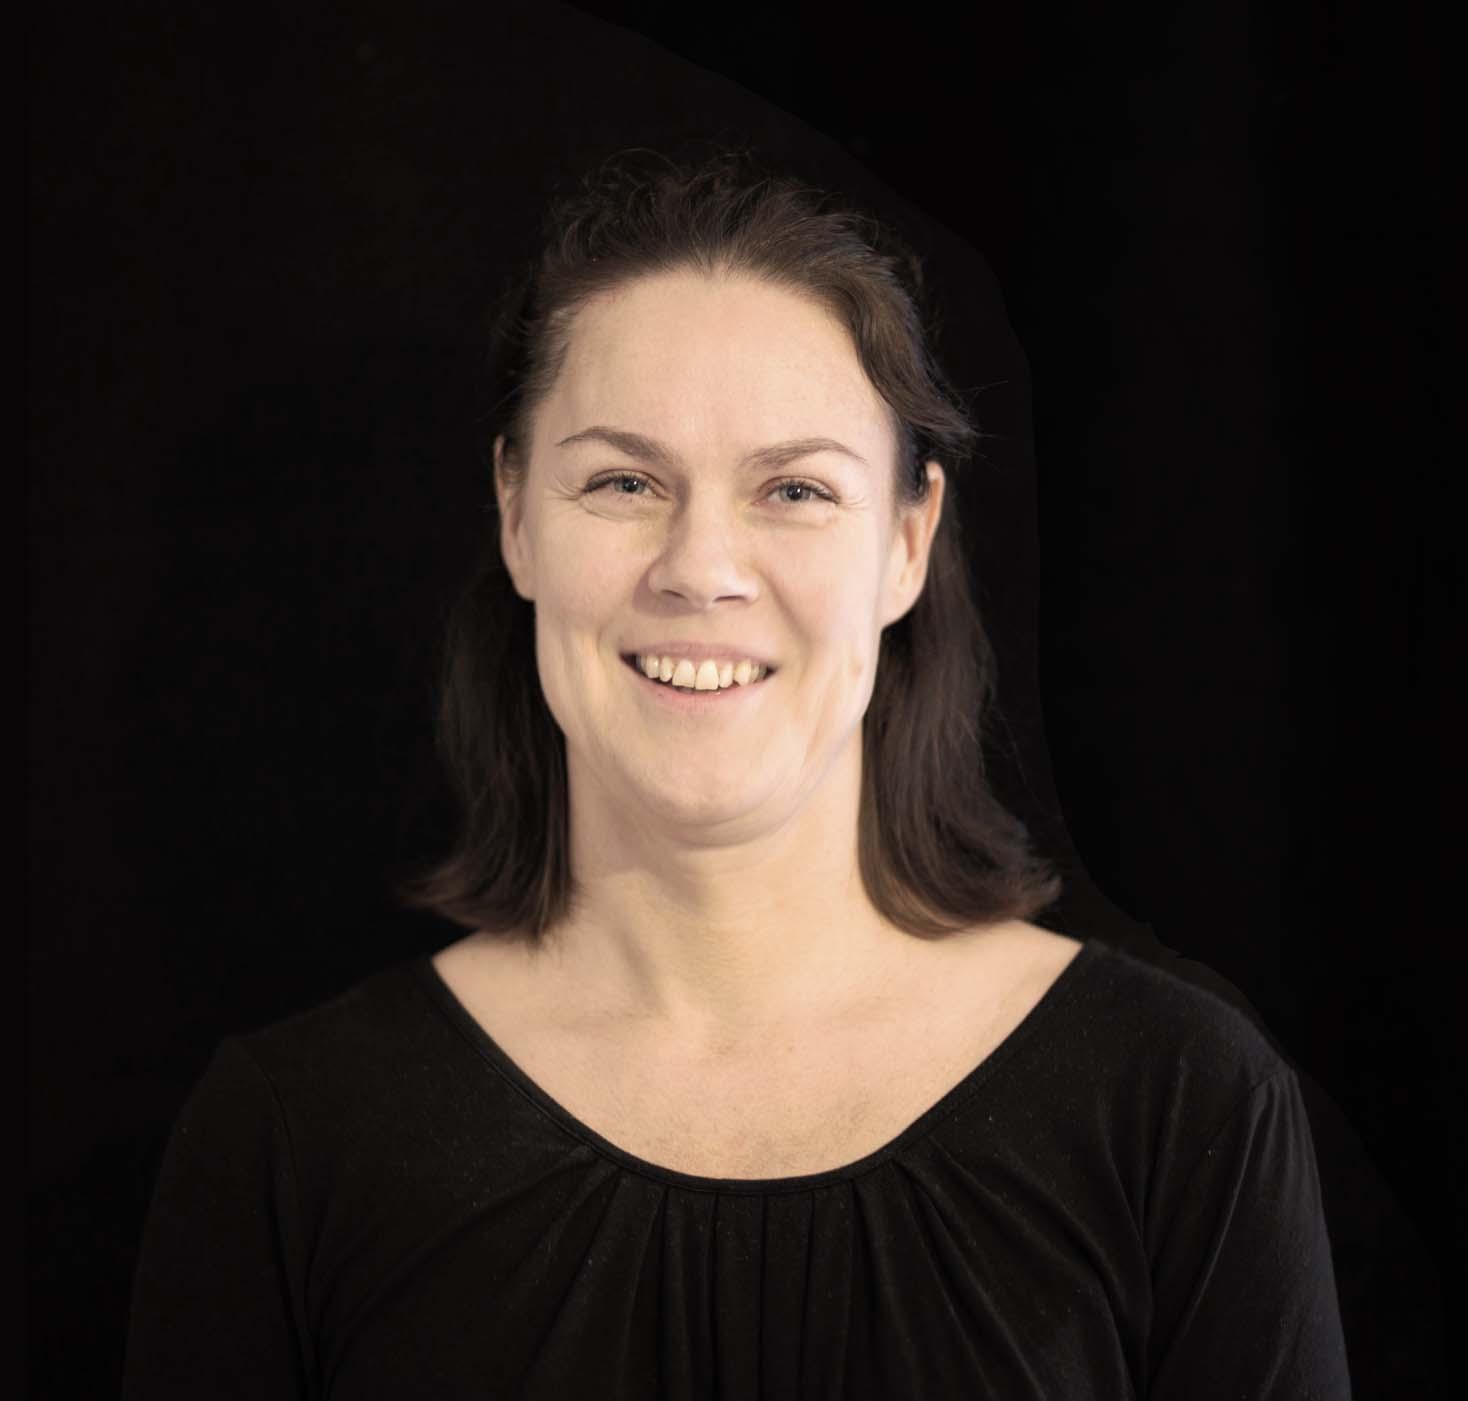 Teija Maria Vuorinen